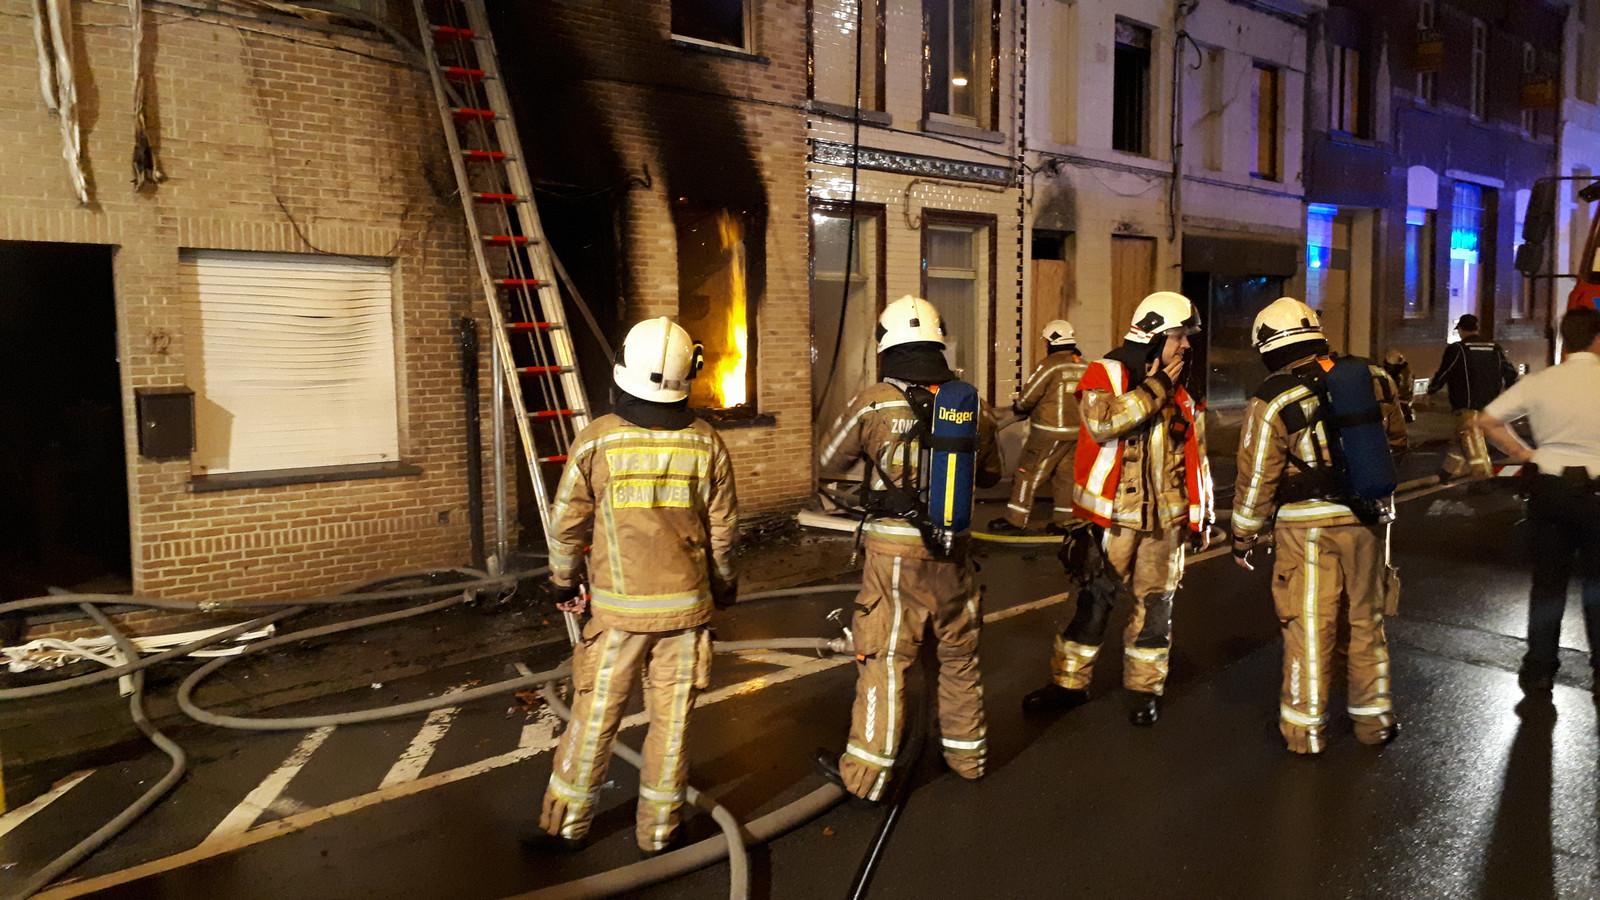 De brandweer had heel wat werk om het vuur onder controle te krijgen.